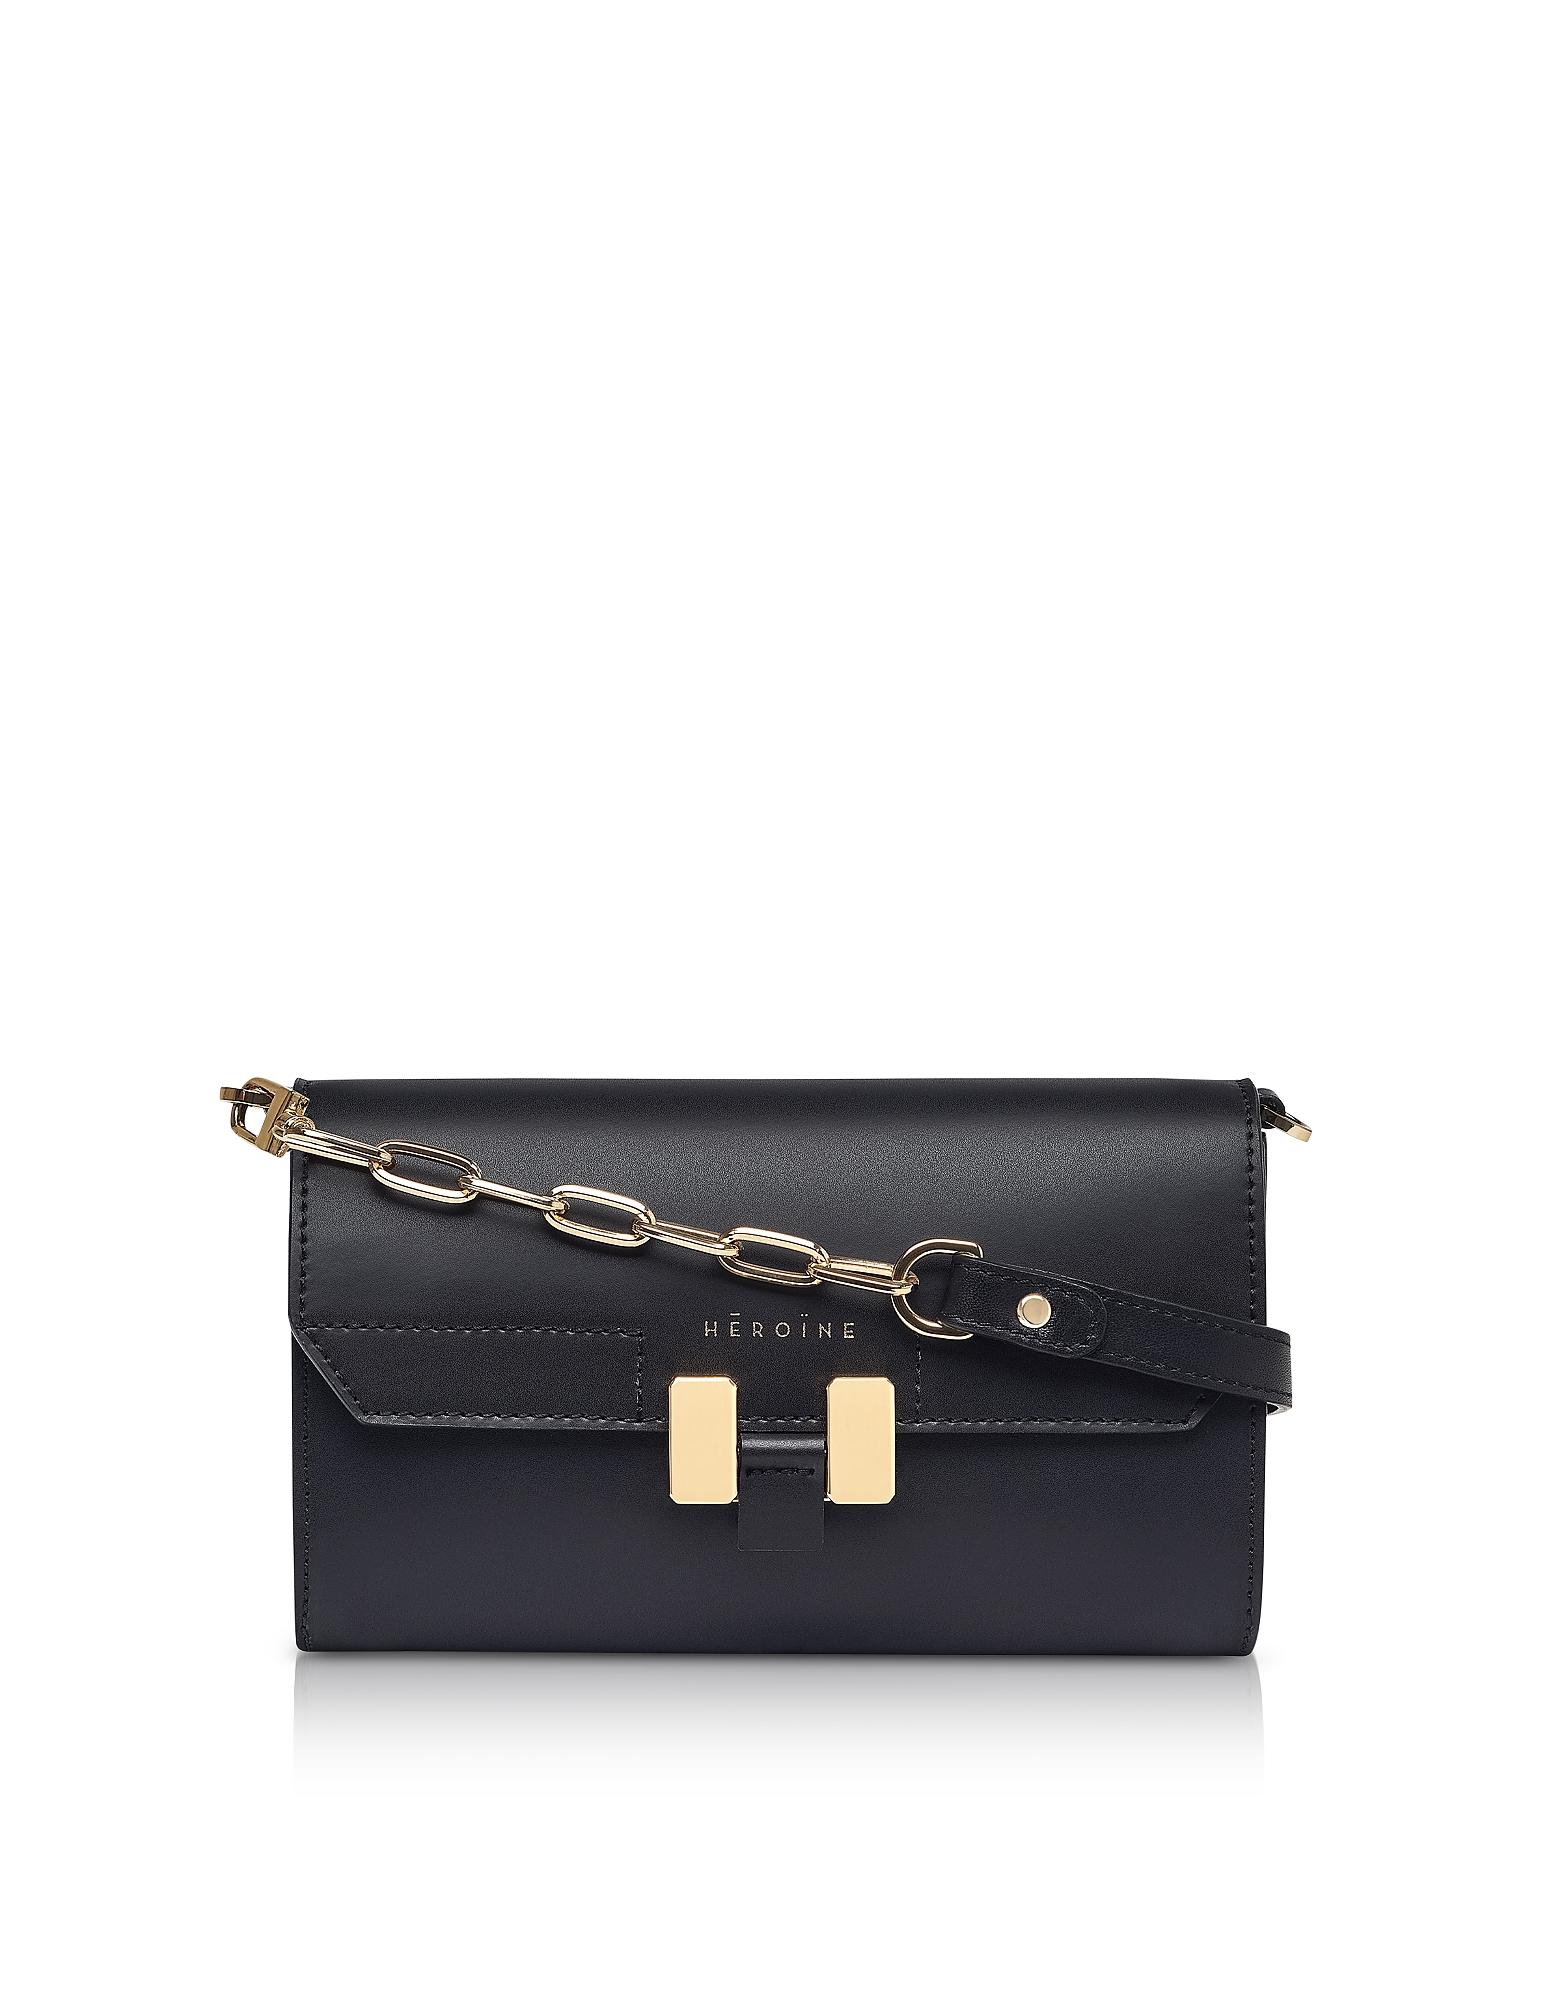 Maison Heroine Designer Handbags, Black Carrie Belt Bag